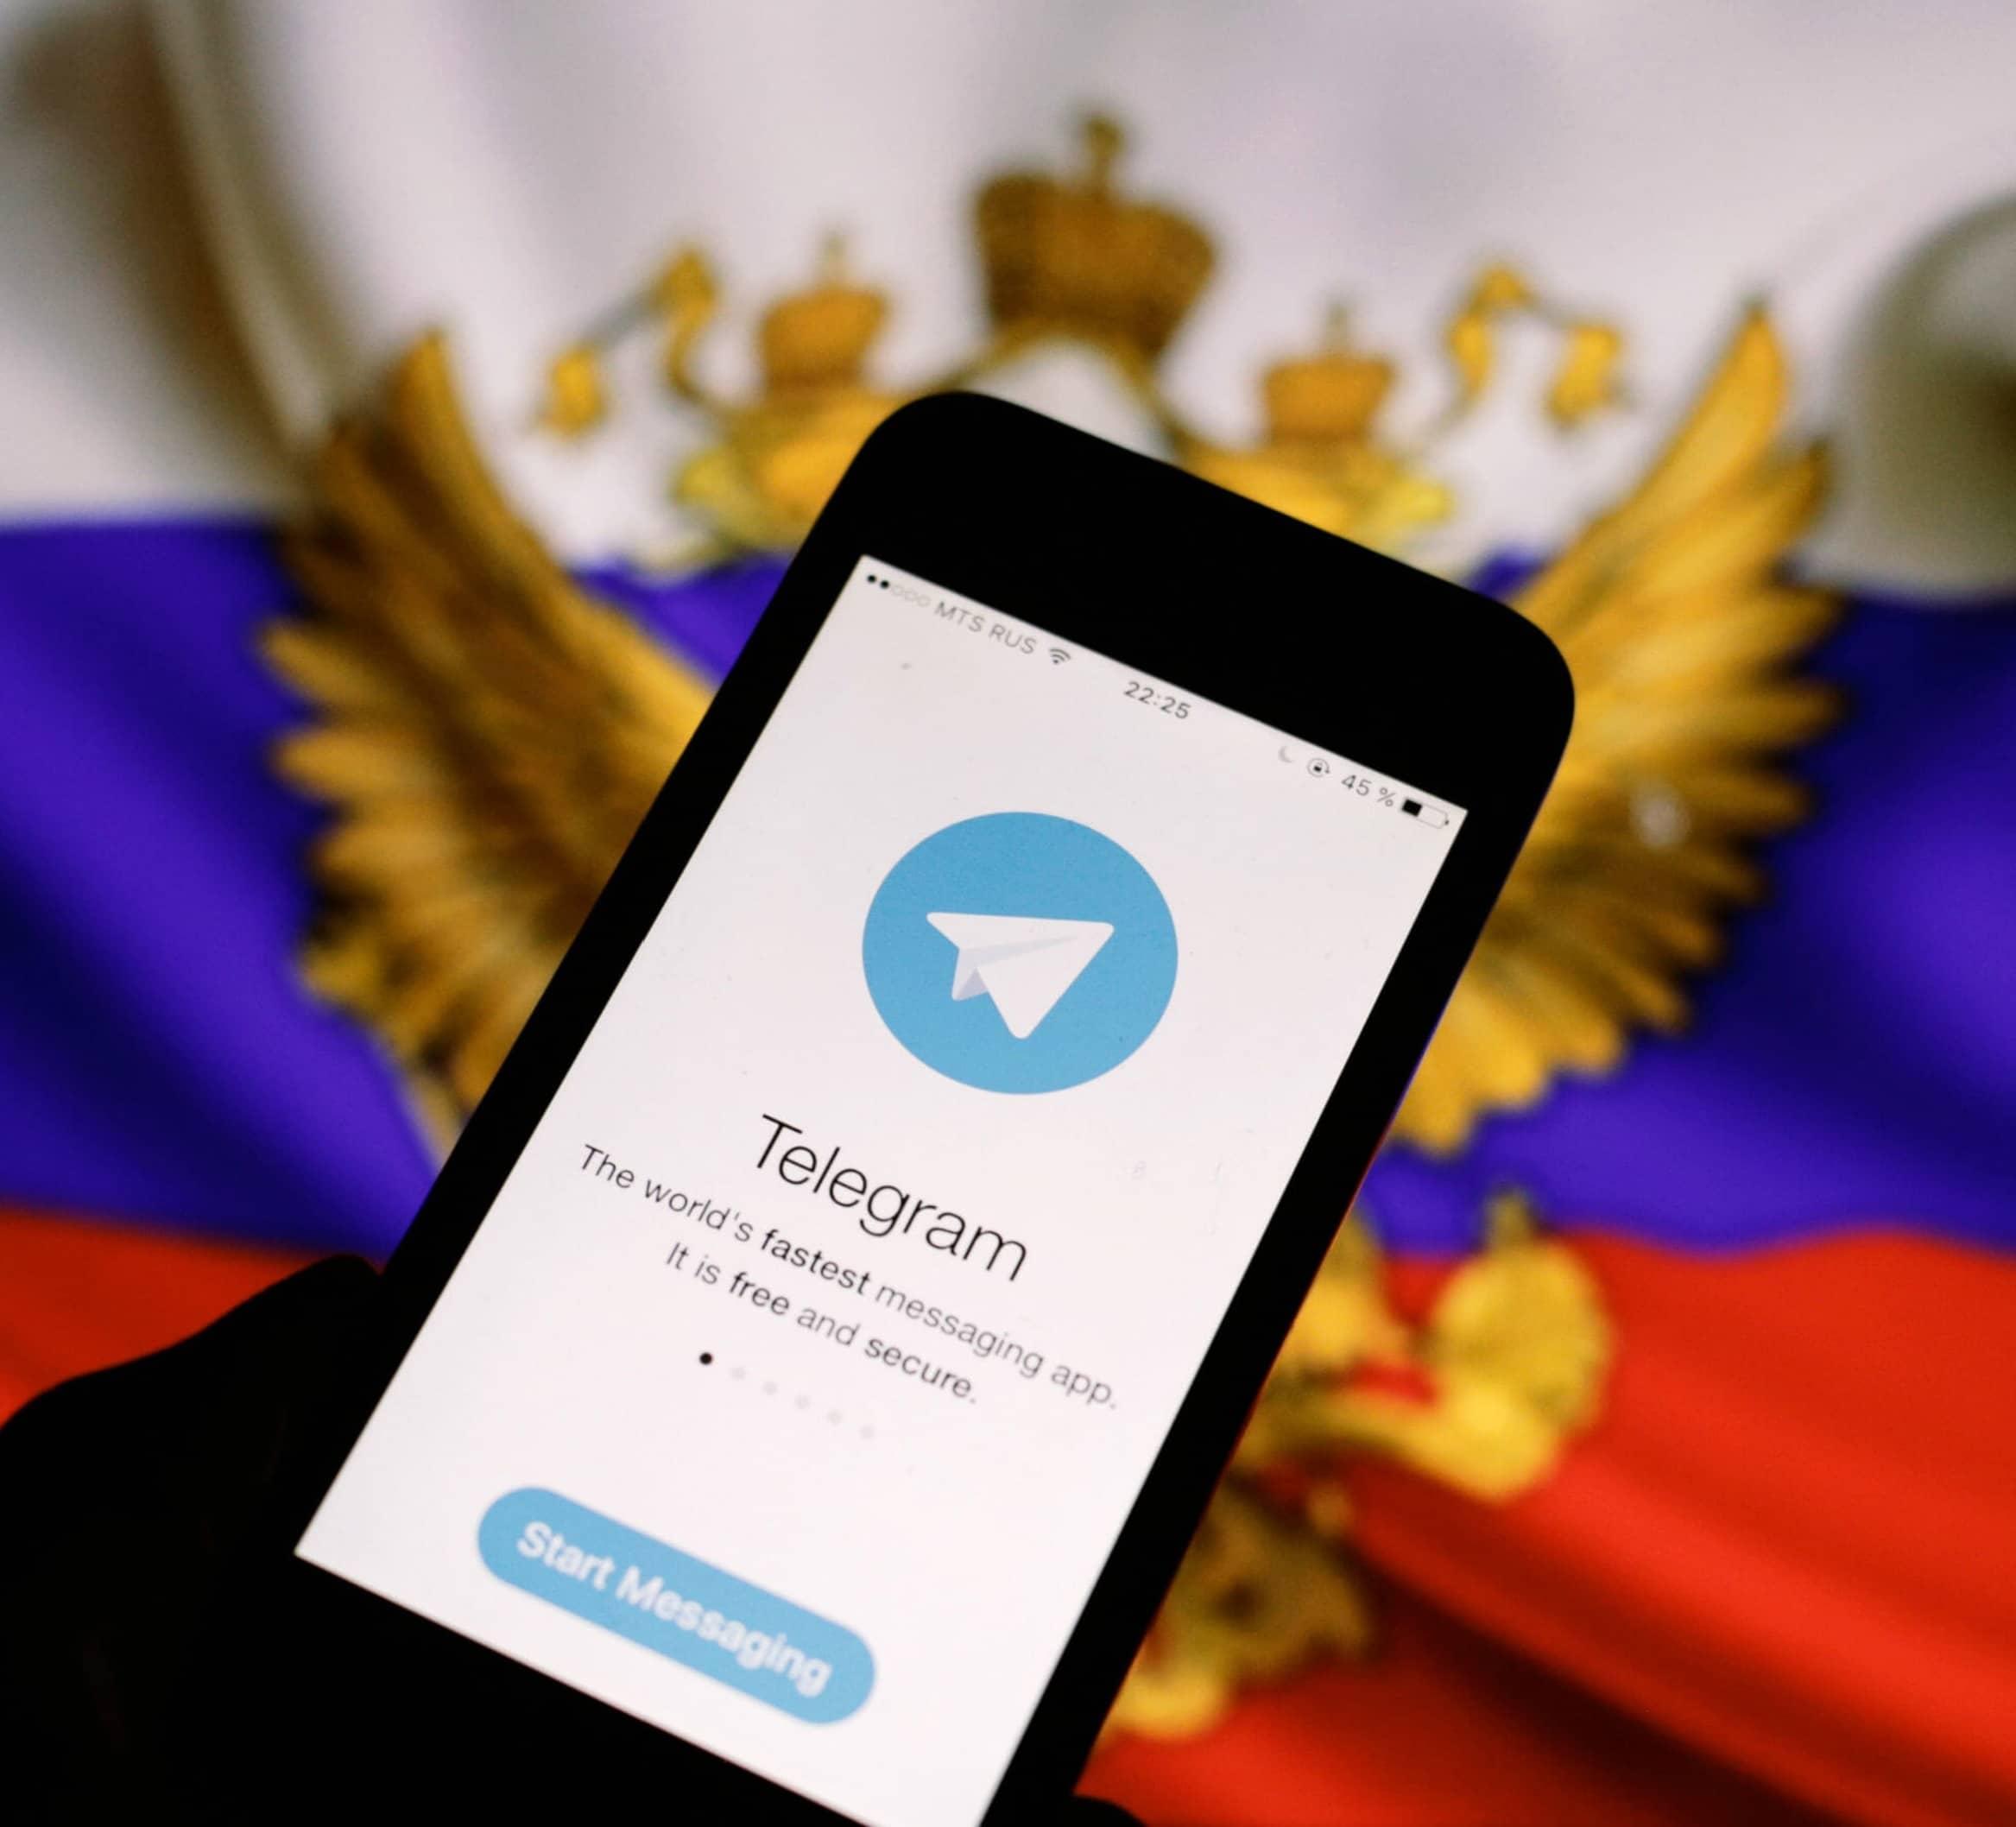 RUSSIA LIFTS INEFFECTIVE BAN ON TELEGRAM MESSAGING APP